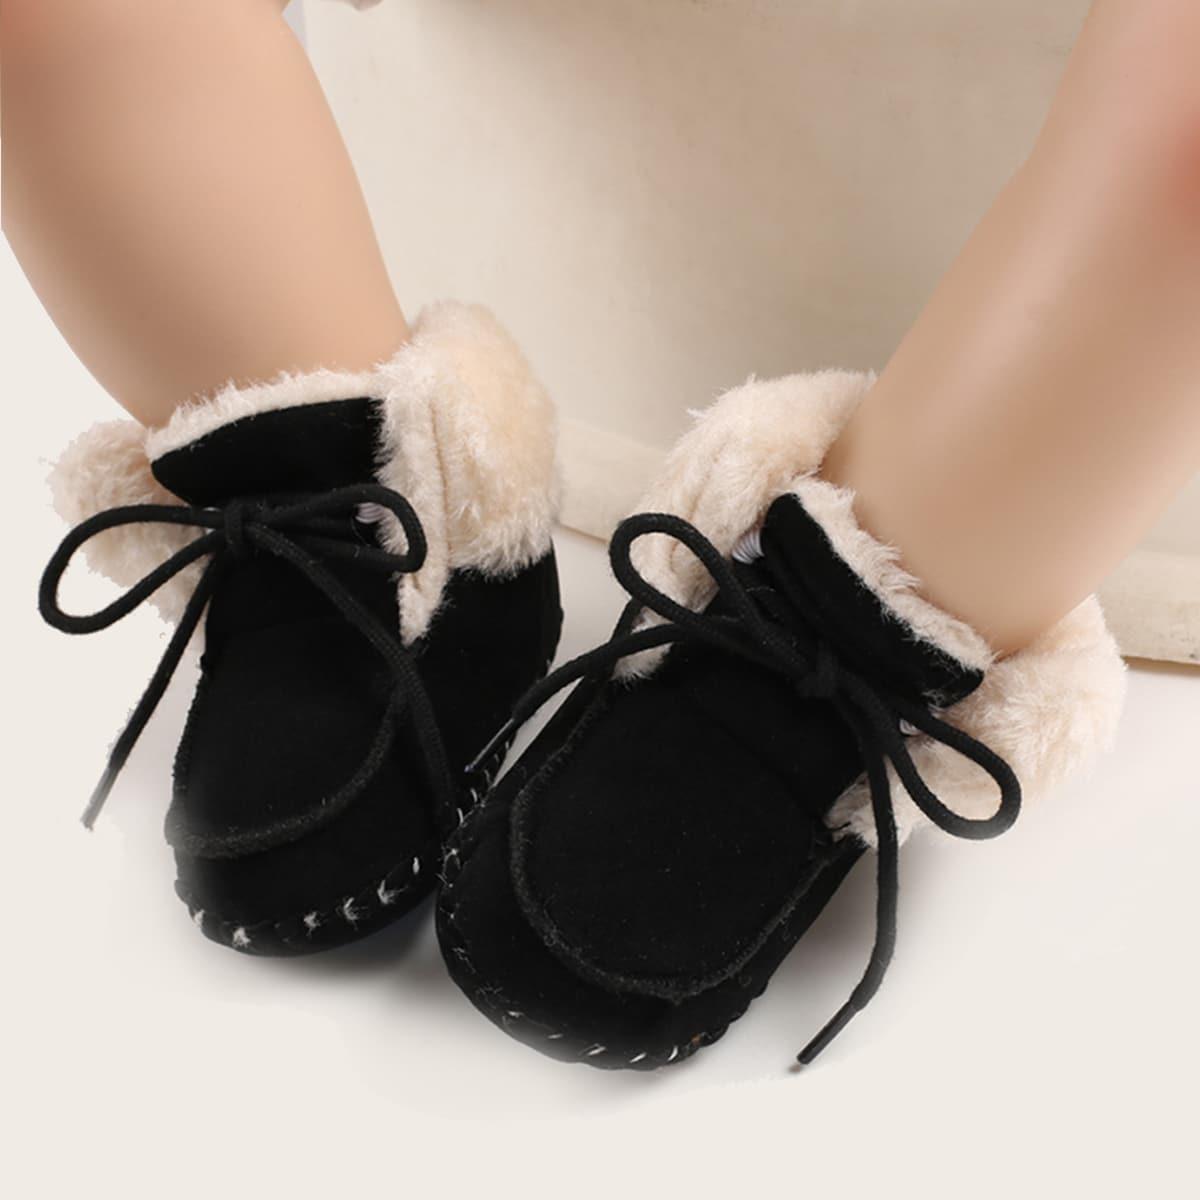 Ботильоны на шнурках и подкладкке из искусственного меха для мальчиков